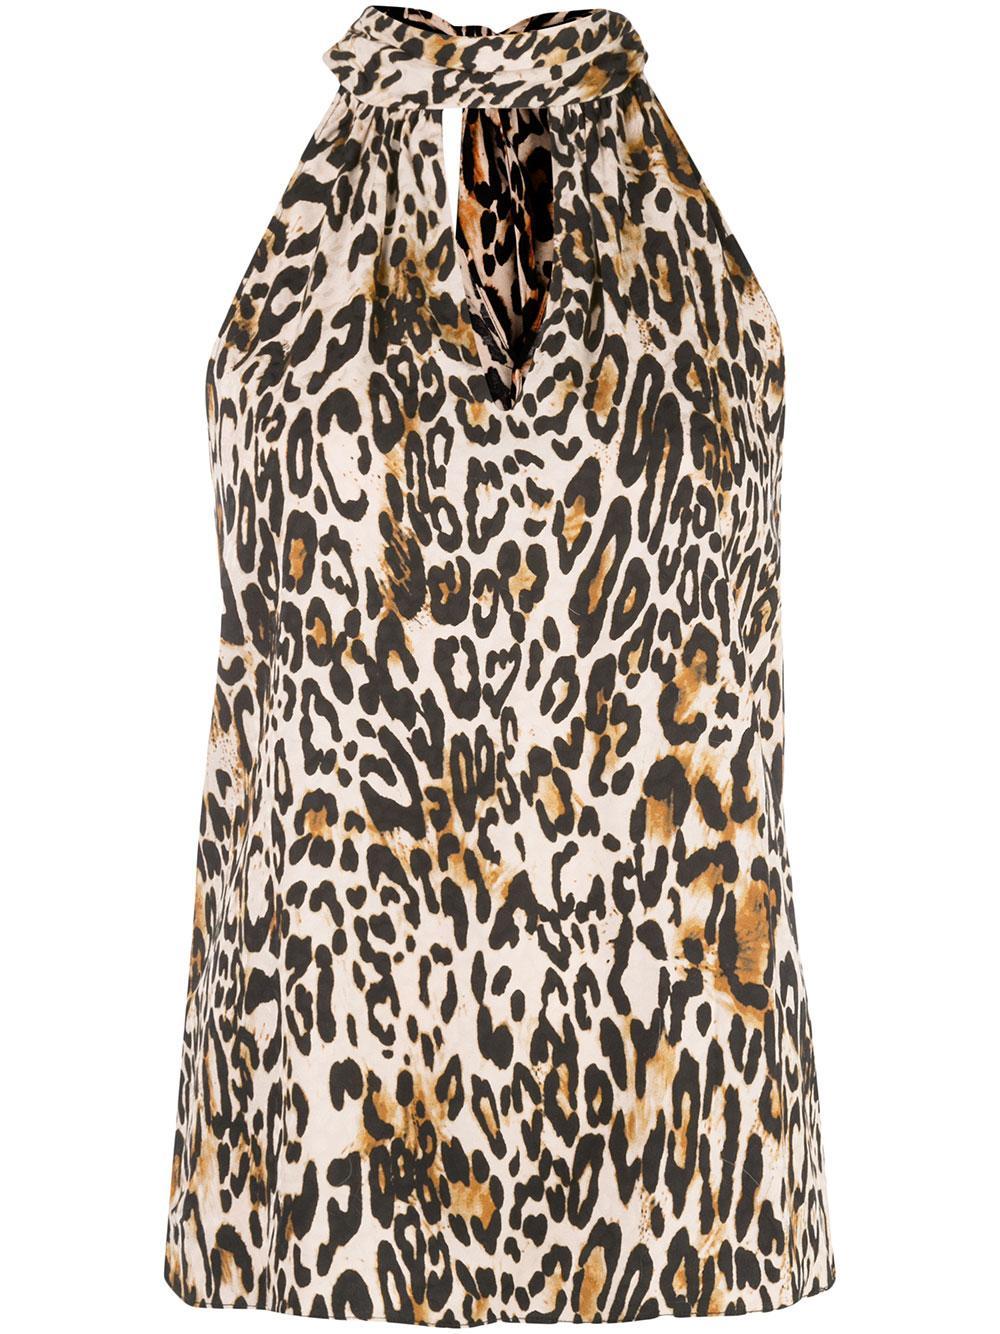 Emma Leopard Tie Neck Top